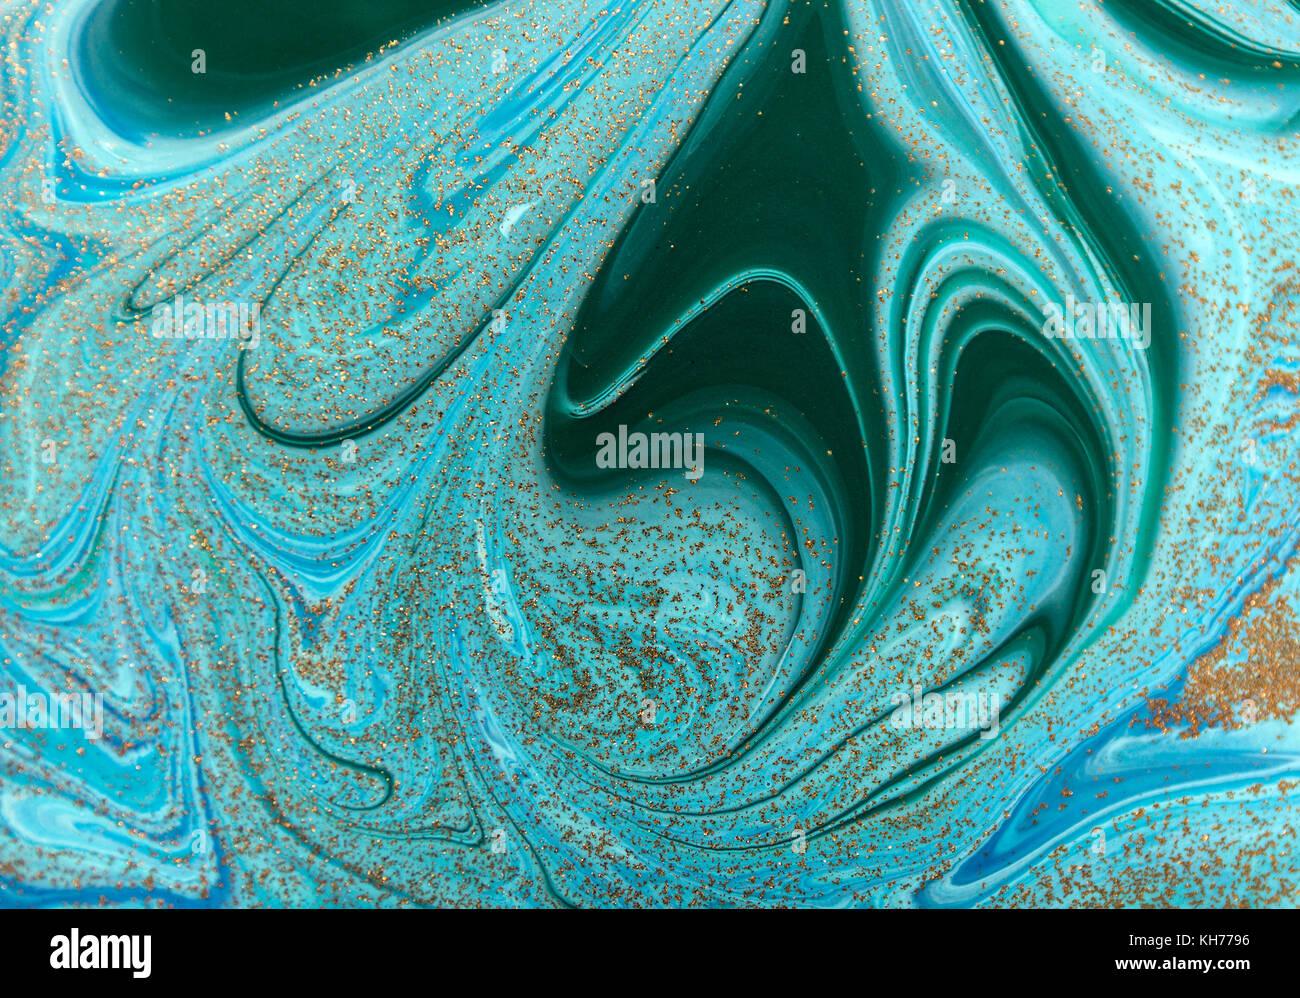 In Marmo Verde E Blu Sullo Sfondo Astratto Con Paillettes Dorate